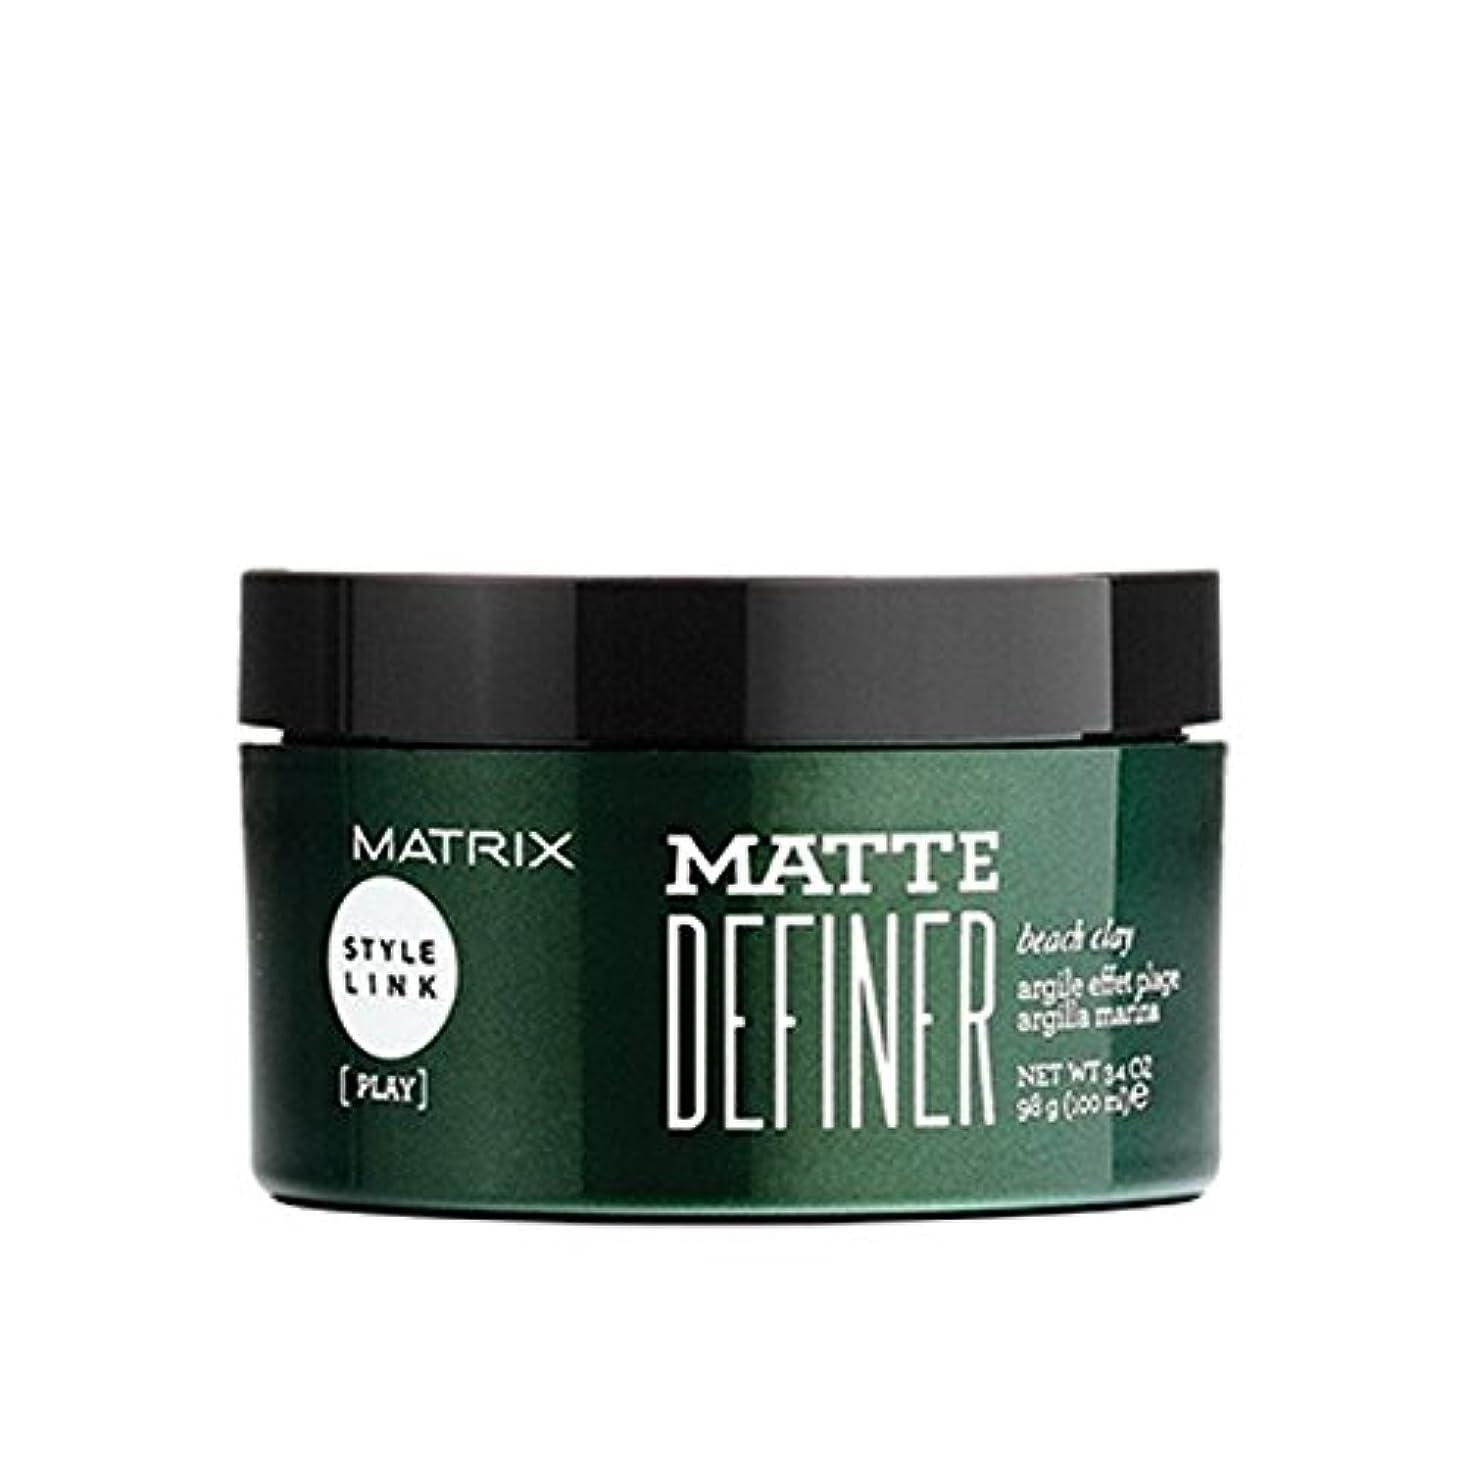 間違えた形歯科のMatrix Biolage Style Link Matte Definer Beach Clay - マトリックスバイオレイジスタイルリンクマット定義ビーチ粘土 [並行輸入品]